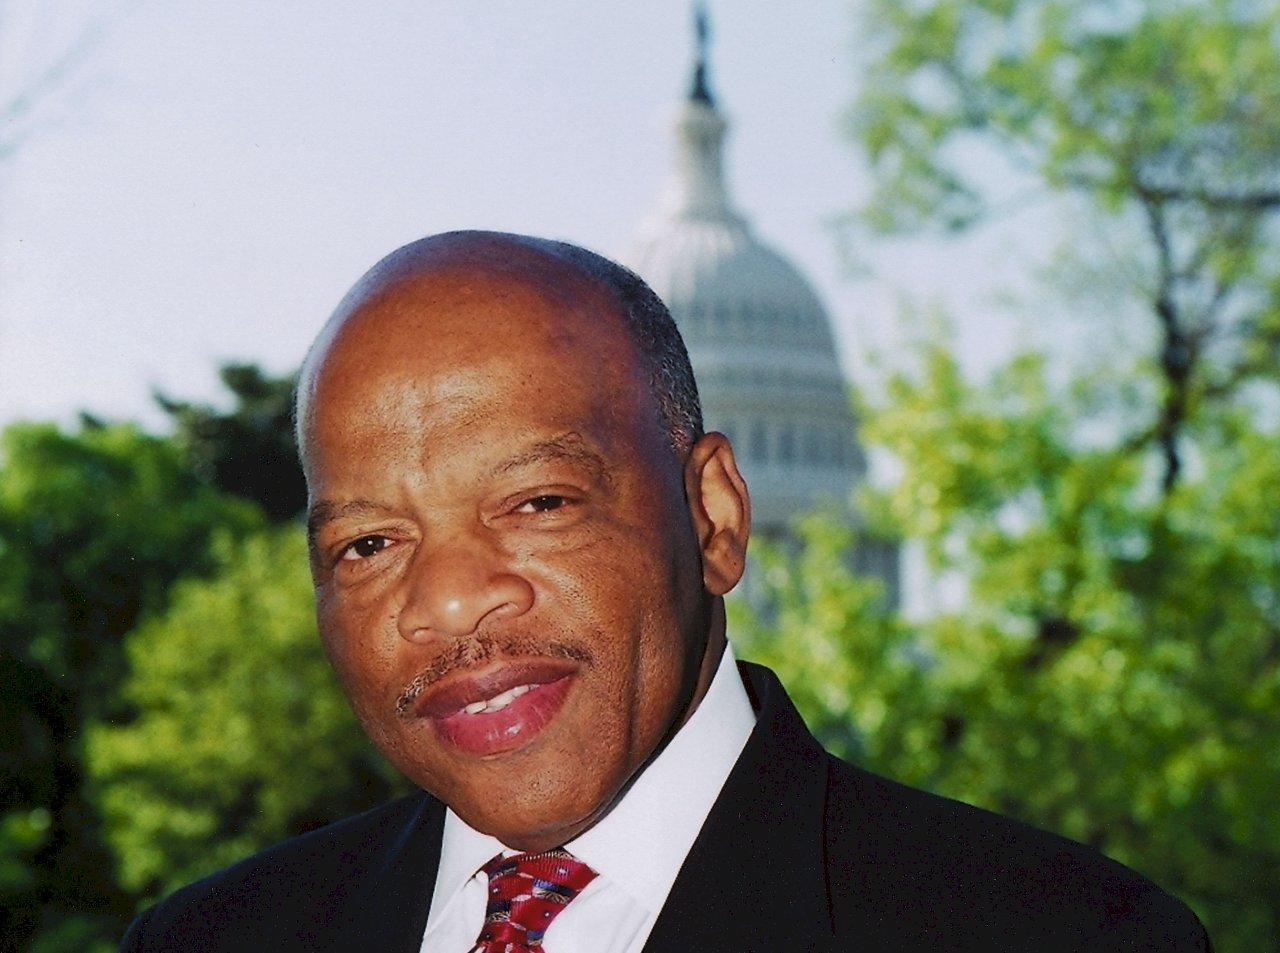 美國民權運動巨人 資深眾議員路易斯病逝